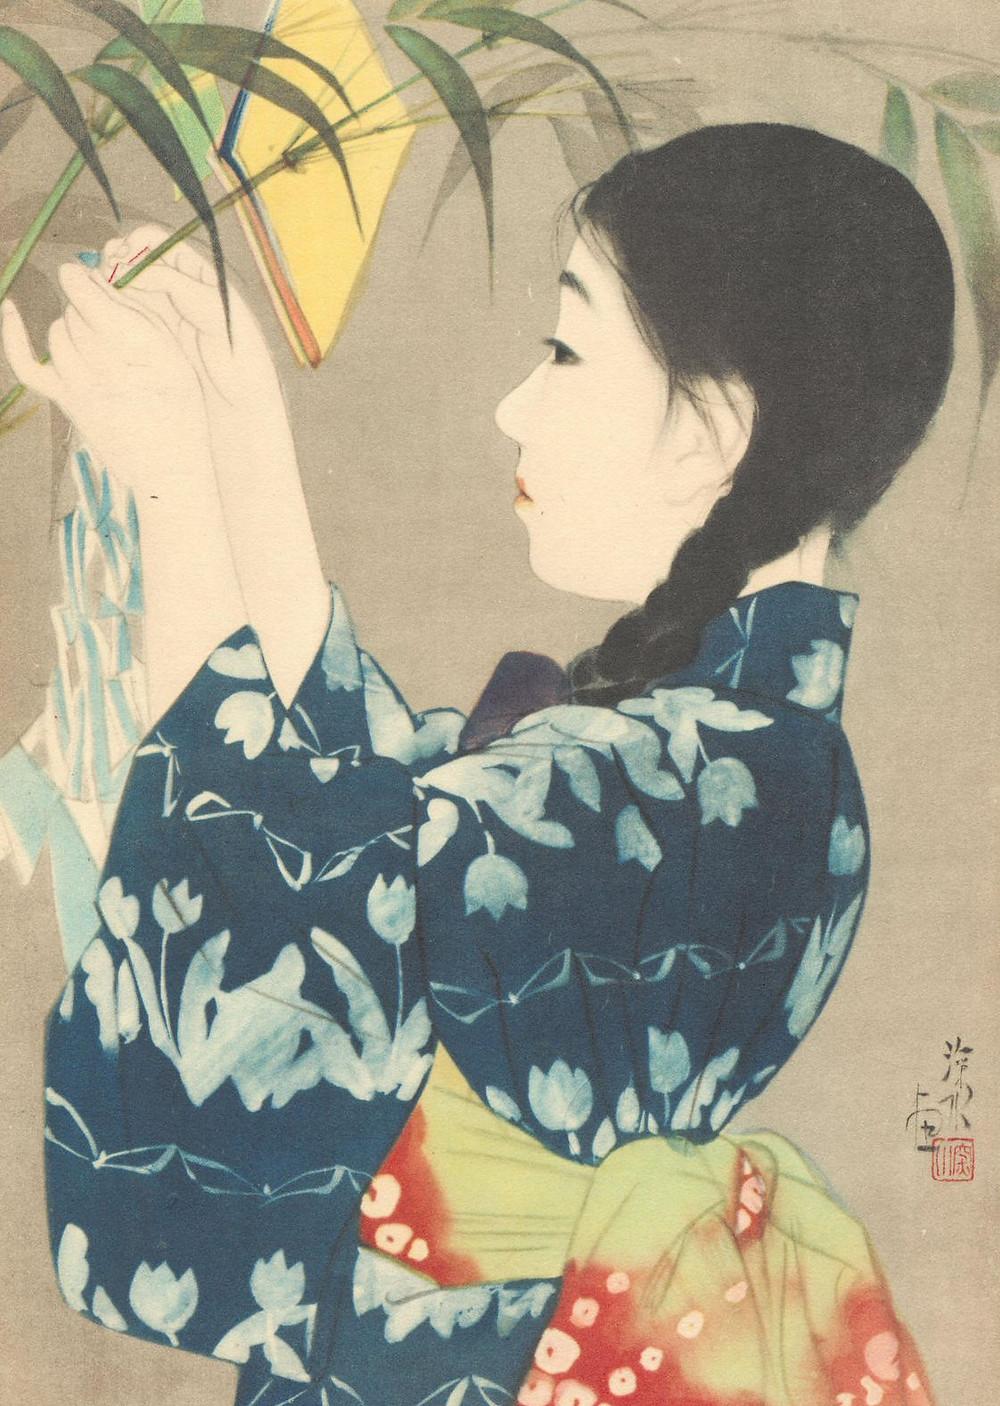 tanabata, wish tree, star festival, Japanese art, Zusetsu Store